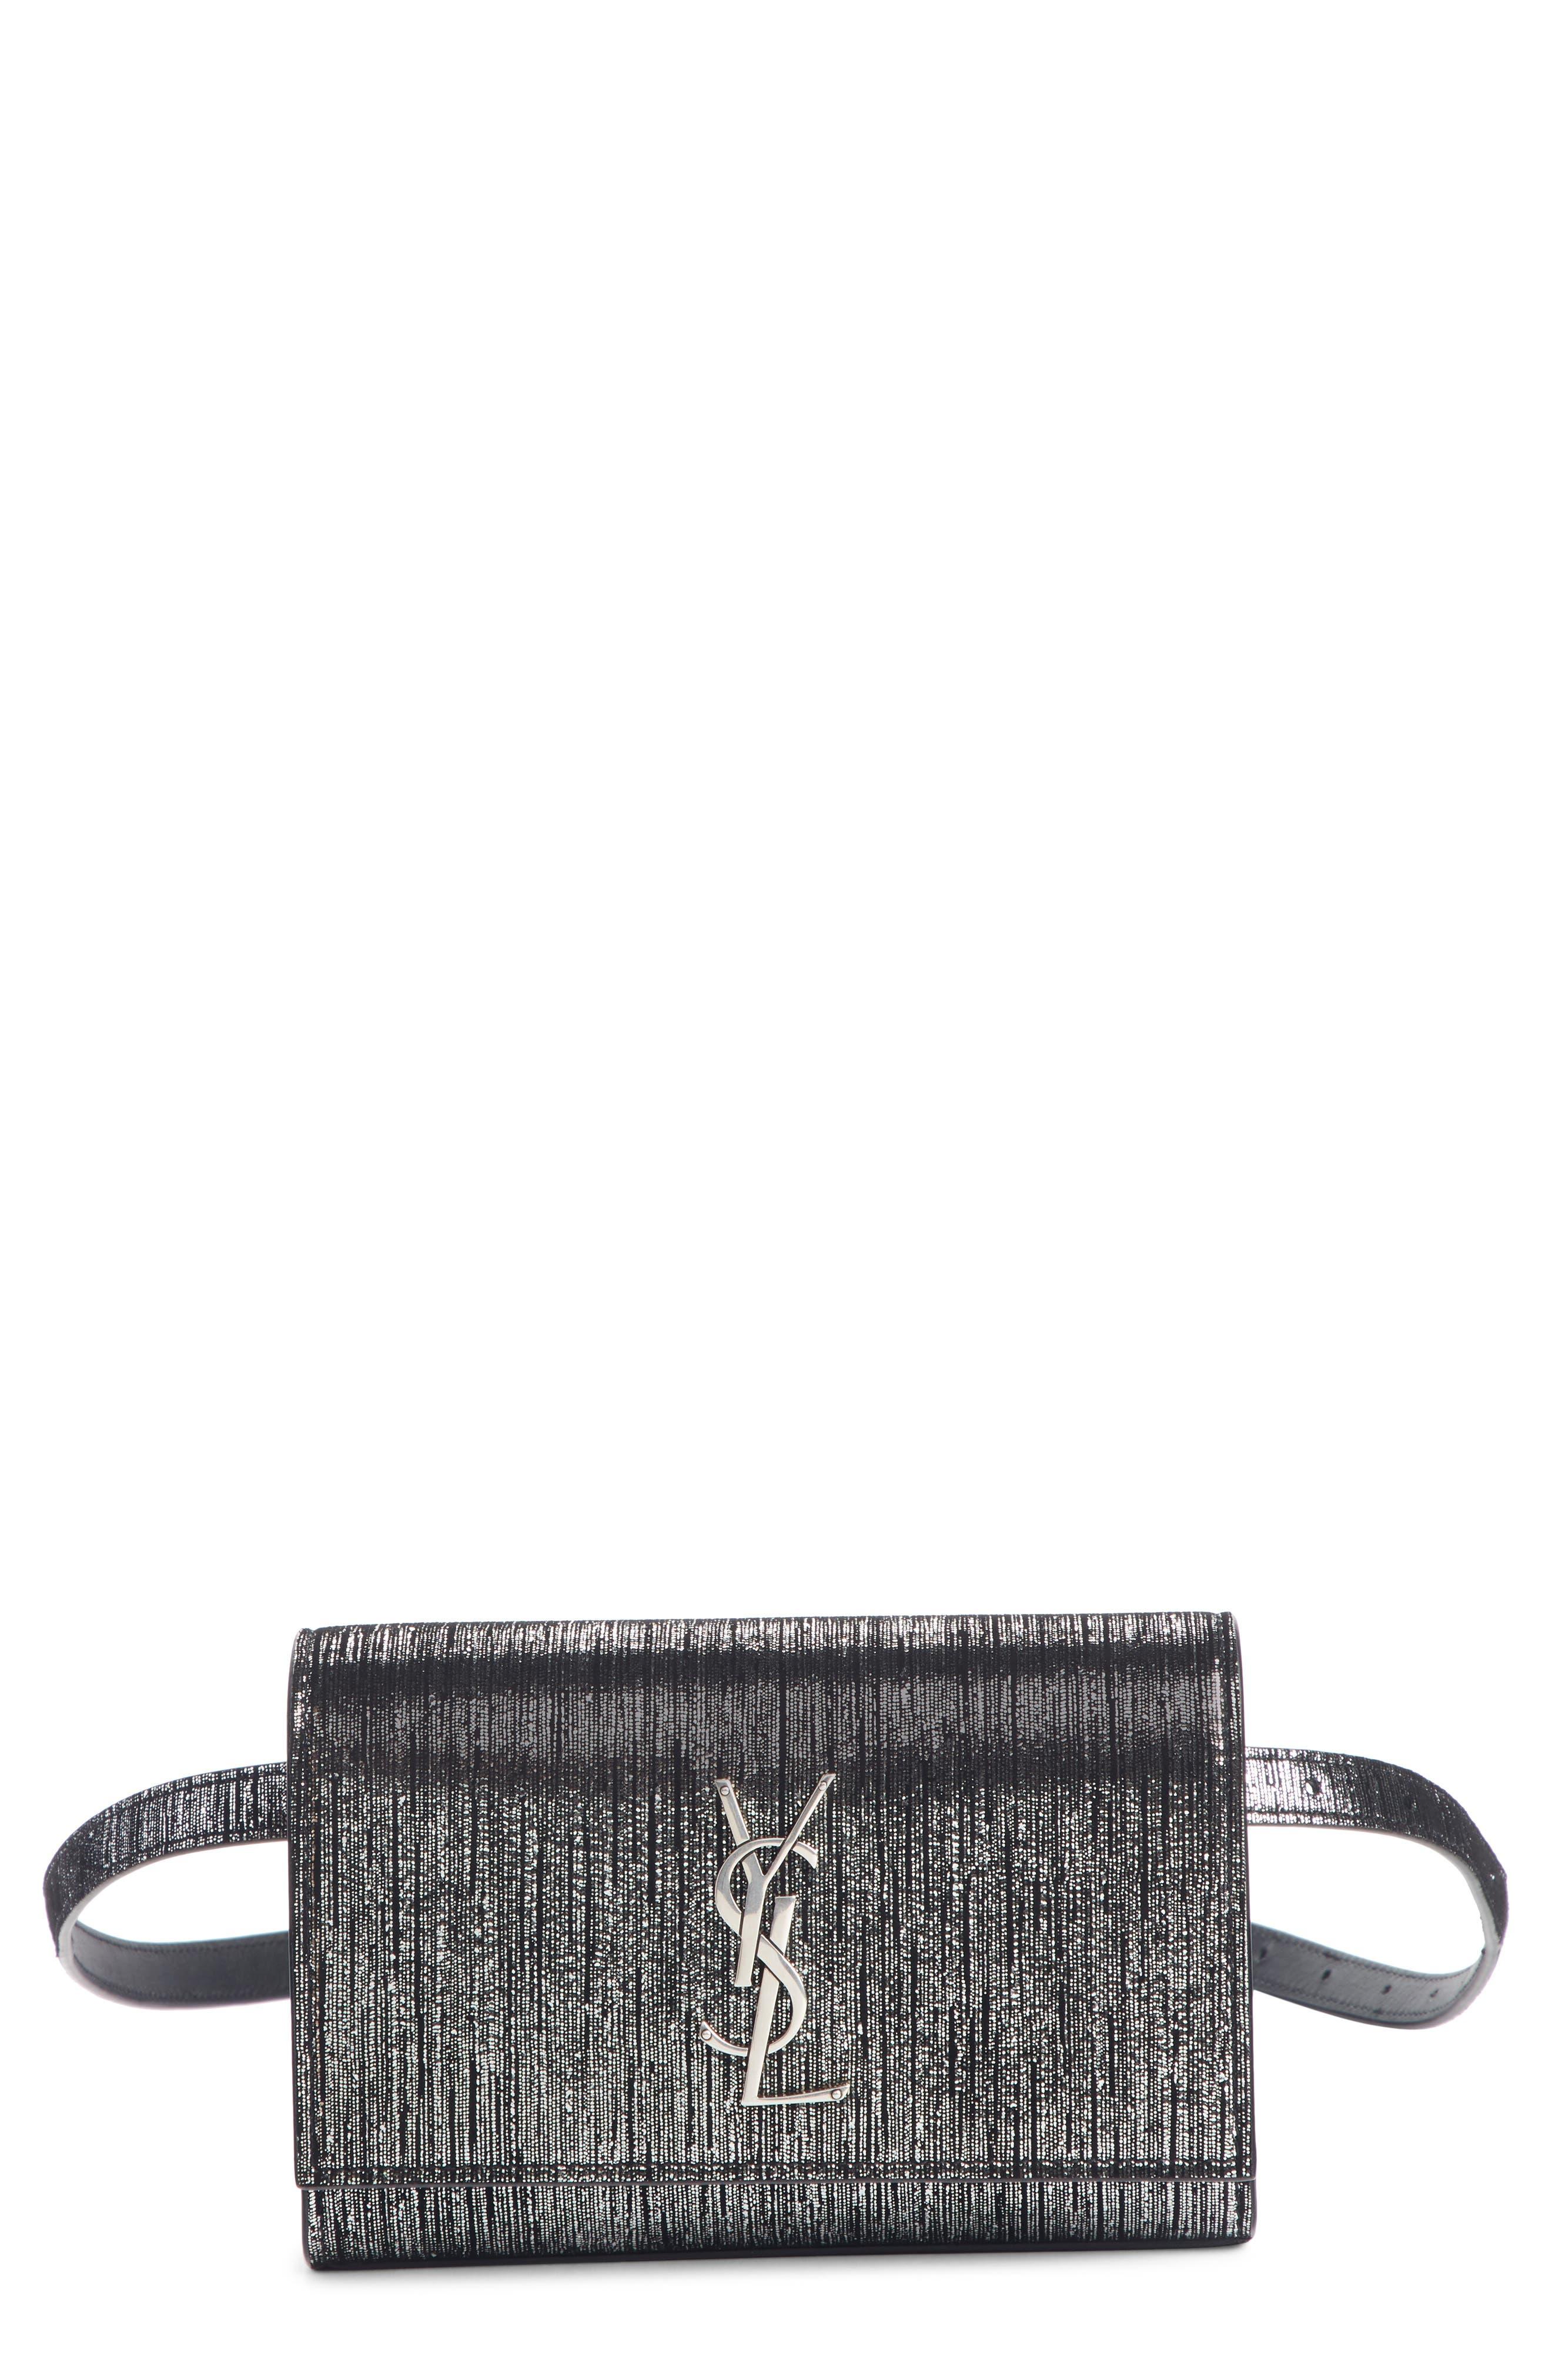 Kate Lamé Lambskin Leather Belt Bag,                             Main thumbnail 1, color,                             NOIR/ PLATINE